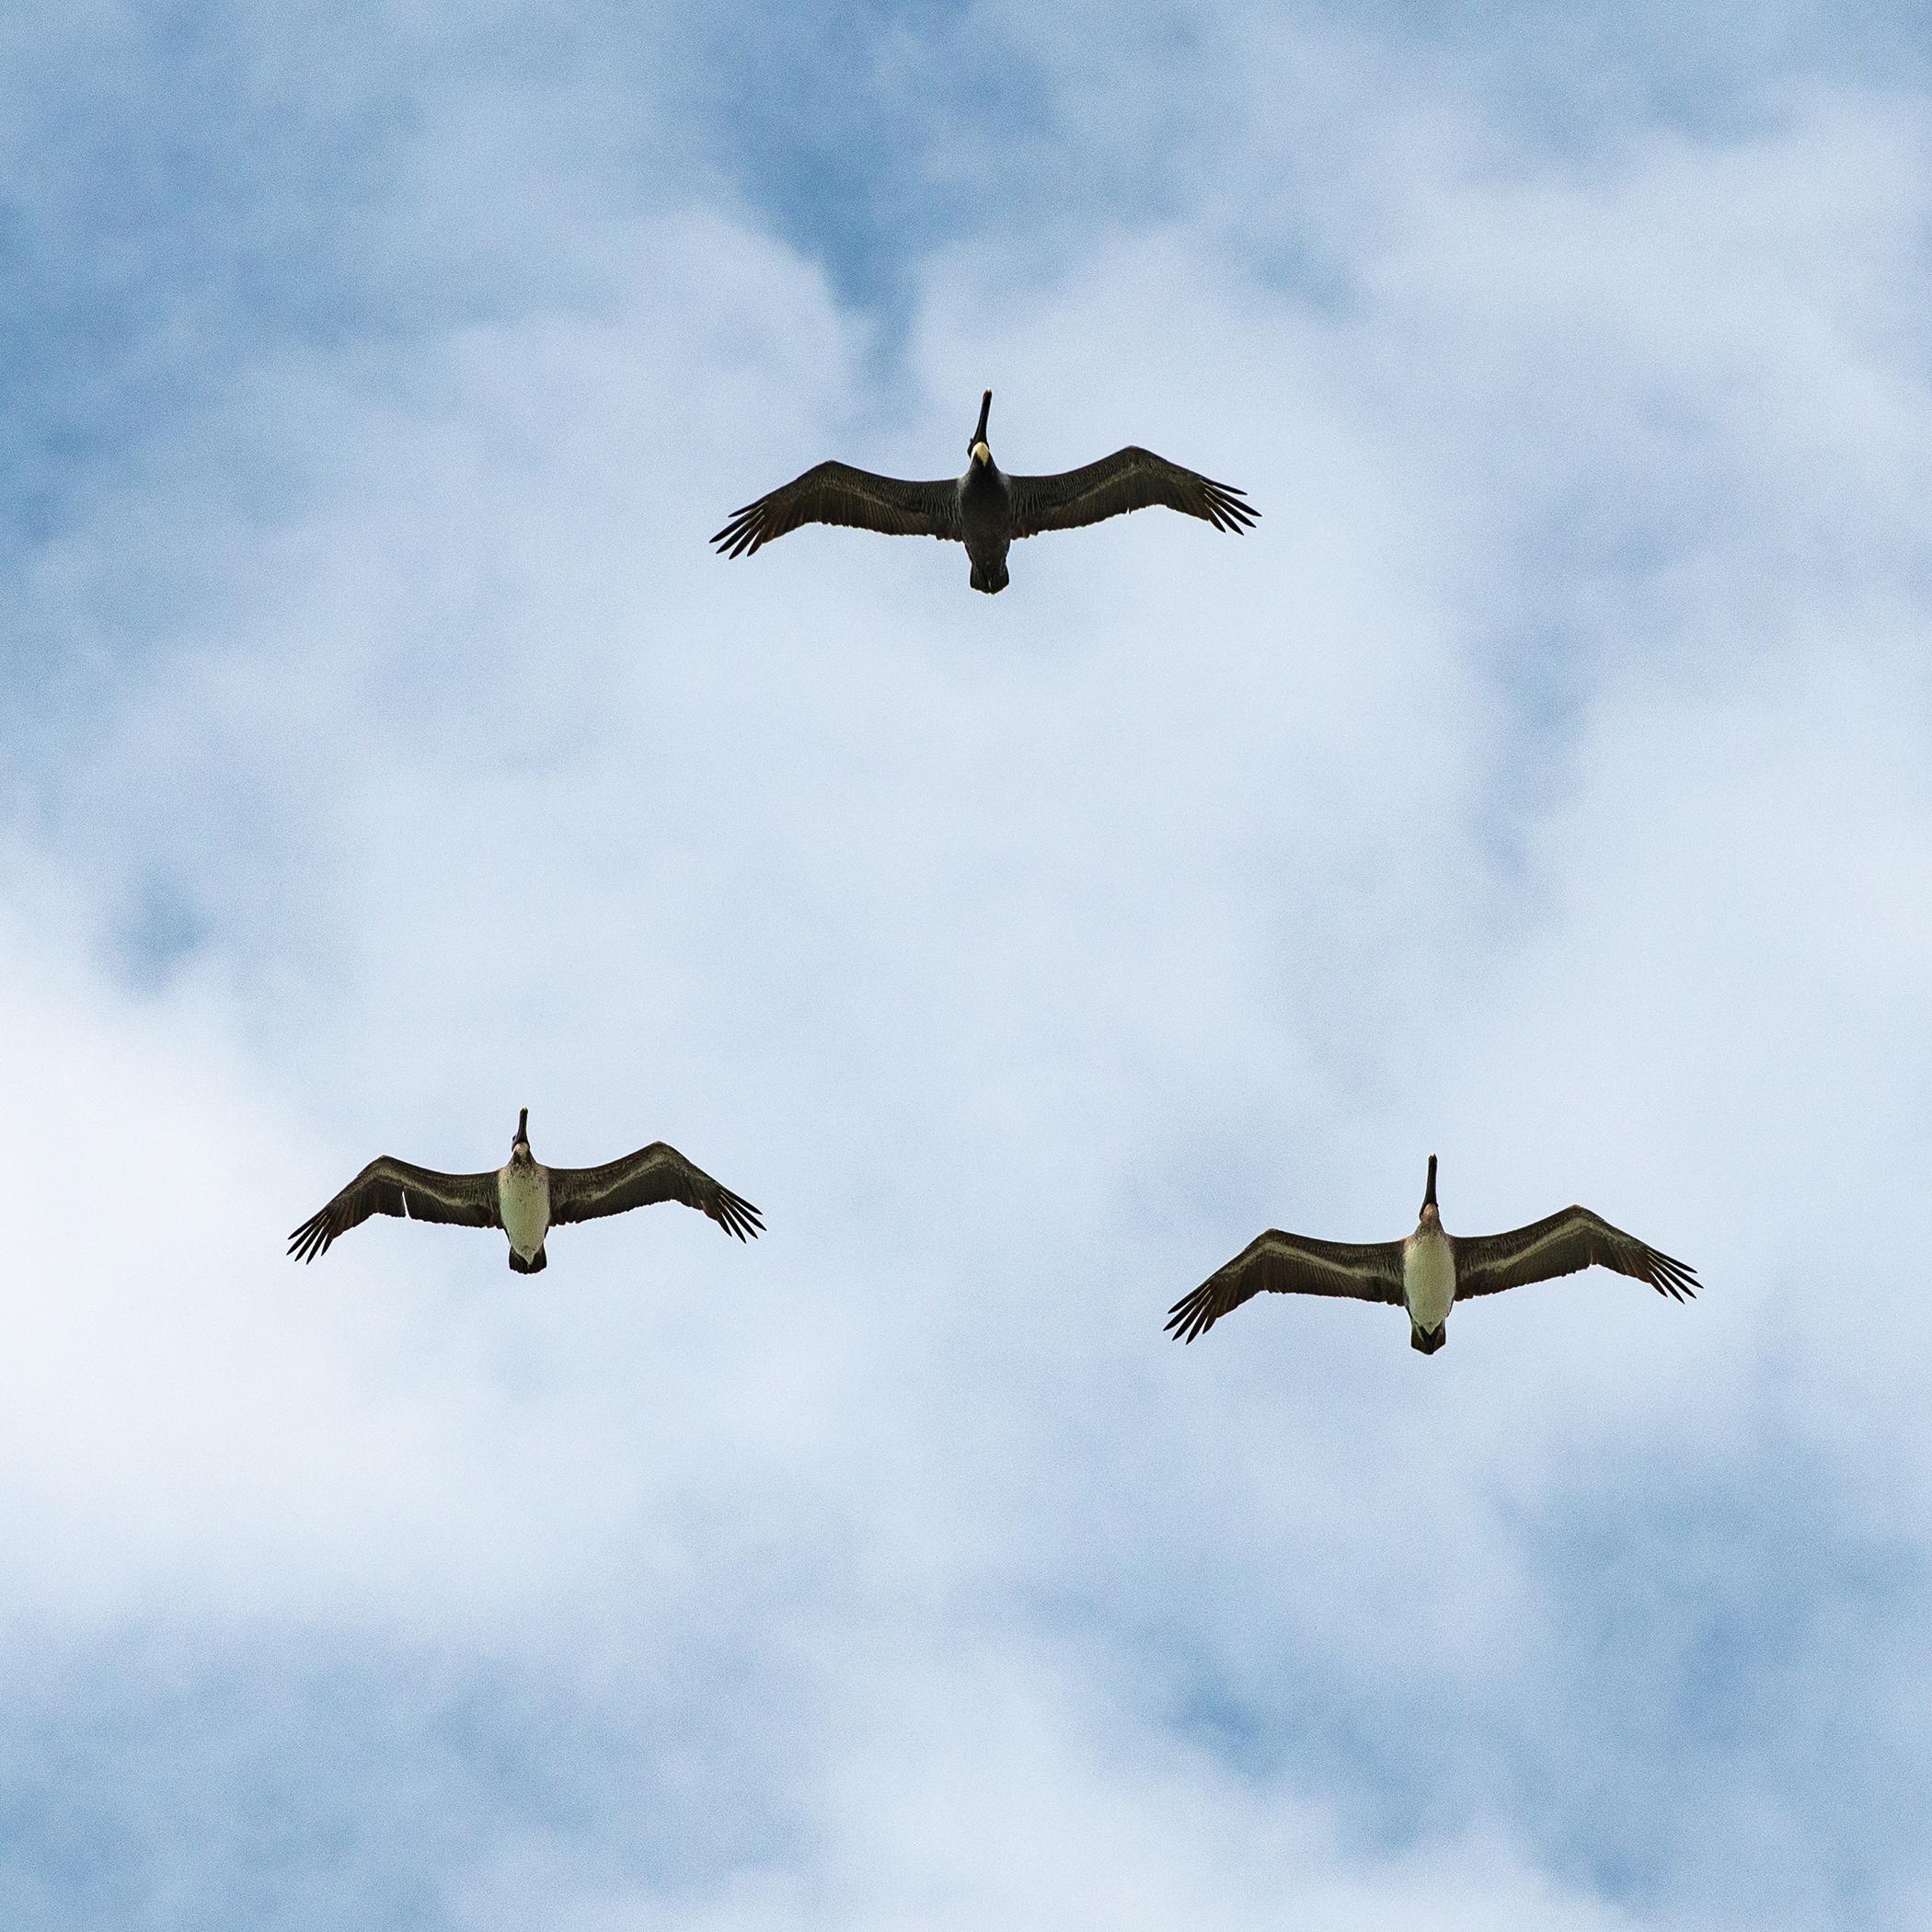 #brownpelicans, #pelican, #birdphotography, #wildlifephotography, #formation,#flight, #birdsinflight, #sky, #florida, #naples